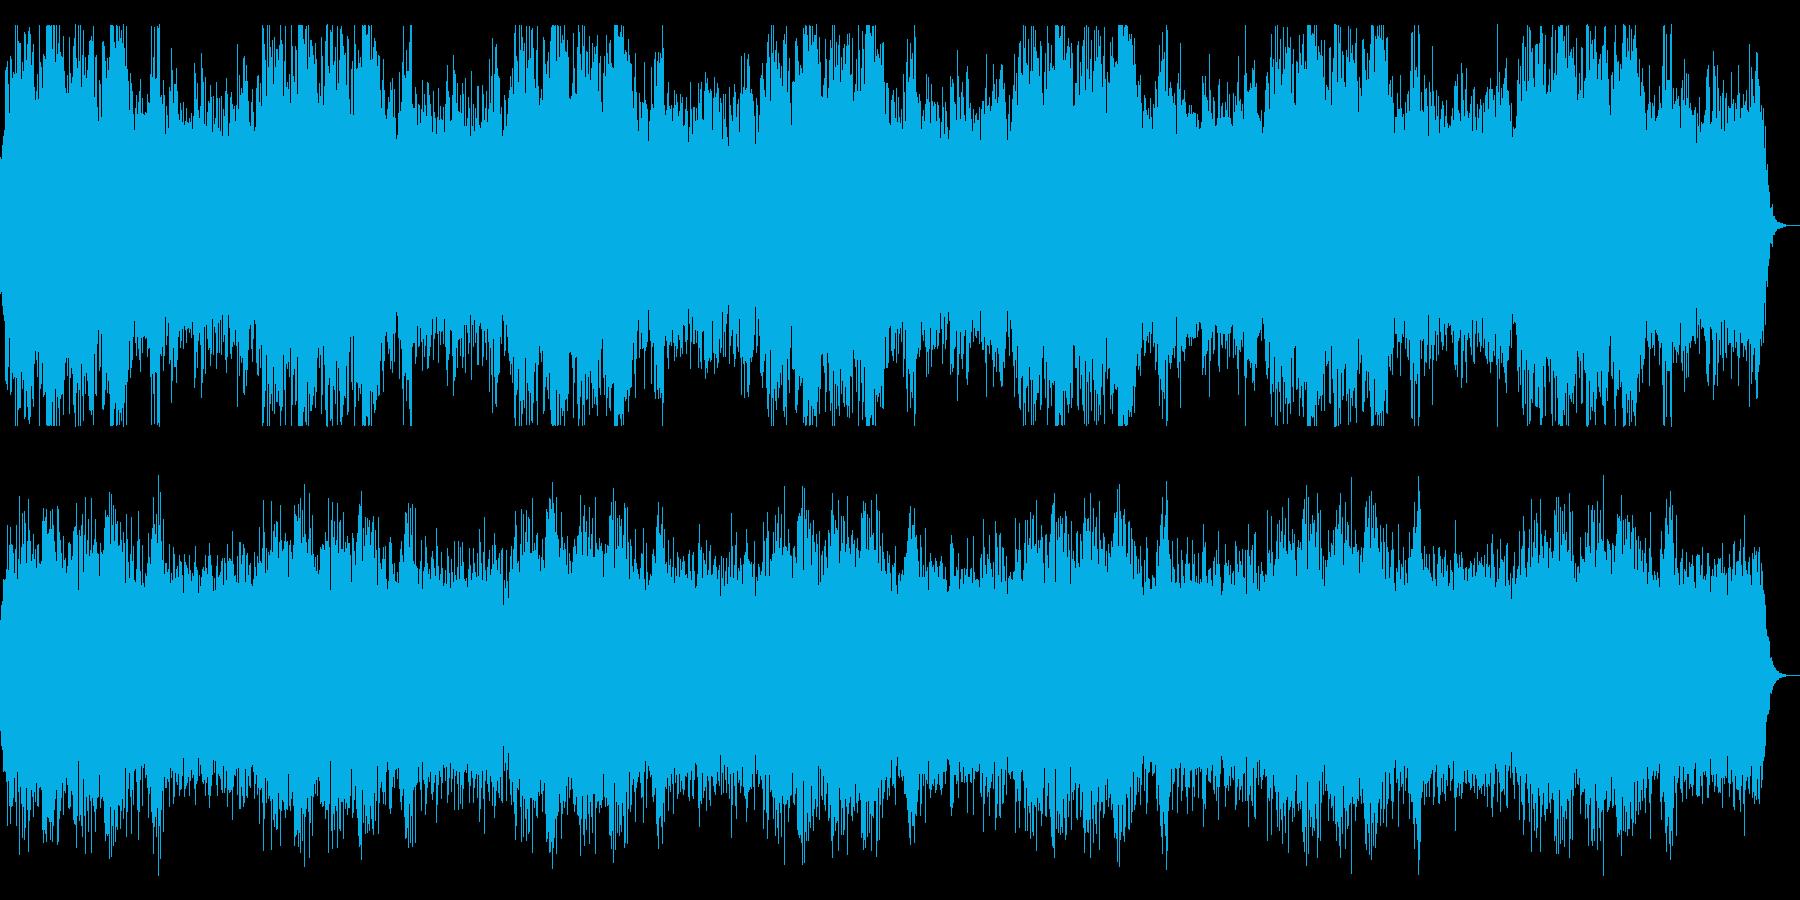 ダークな背景 ホラーな背景の再生済みの波形